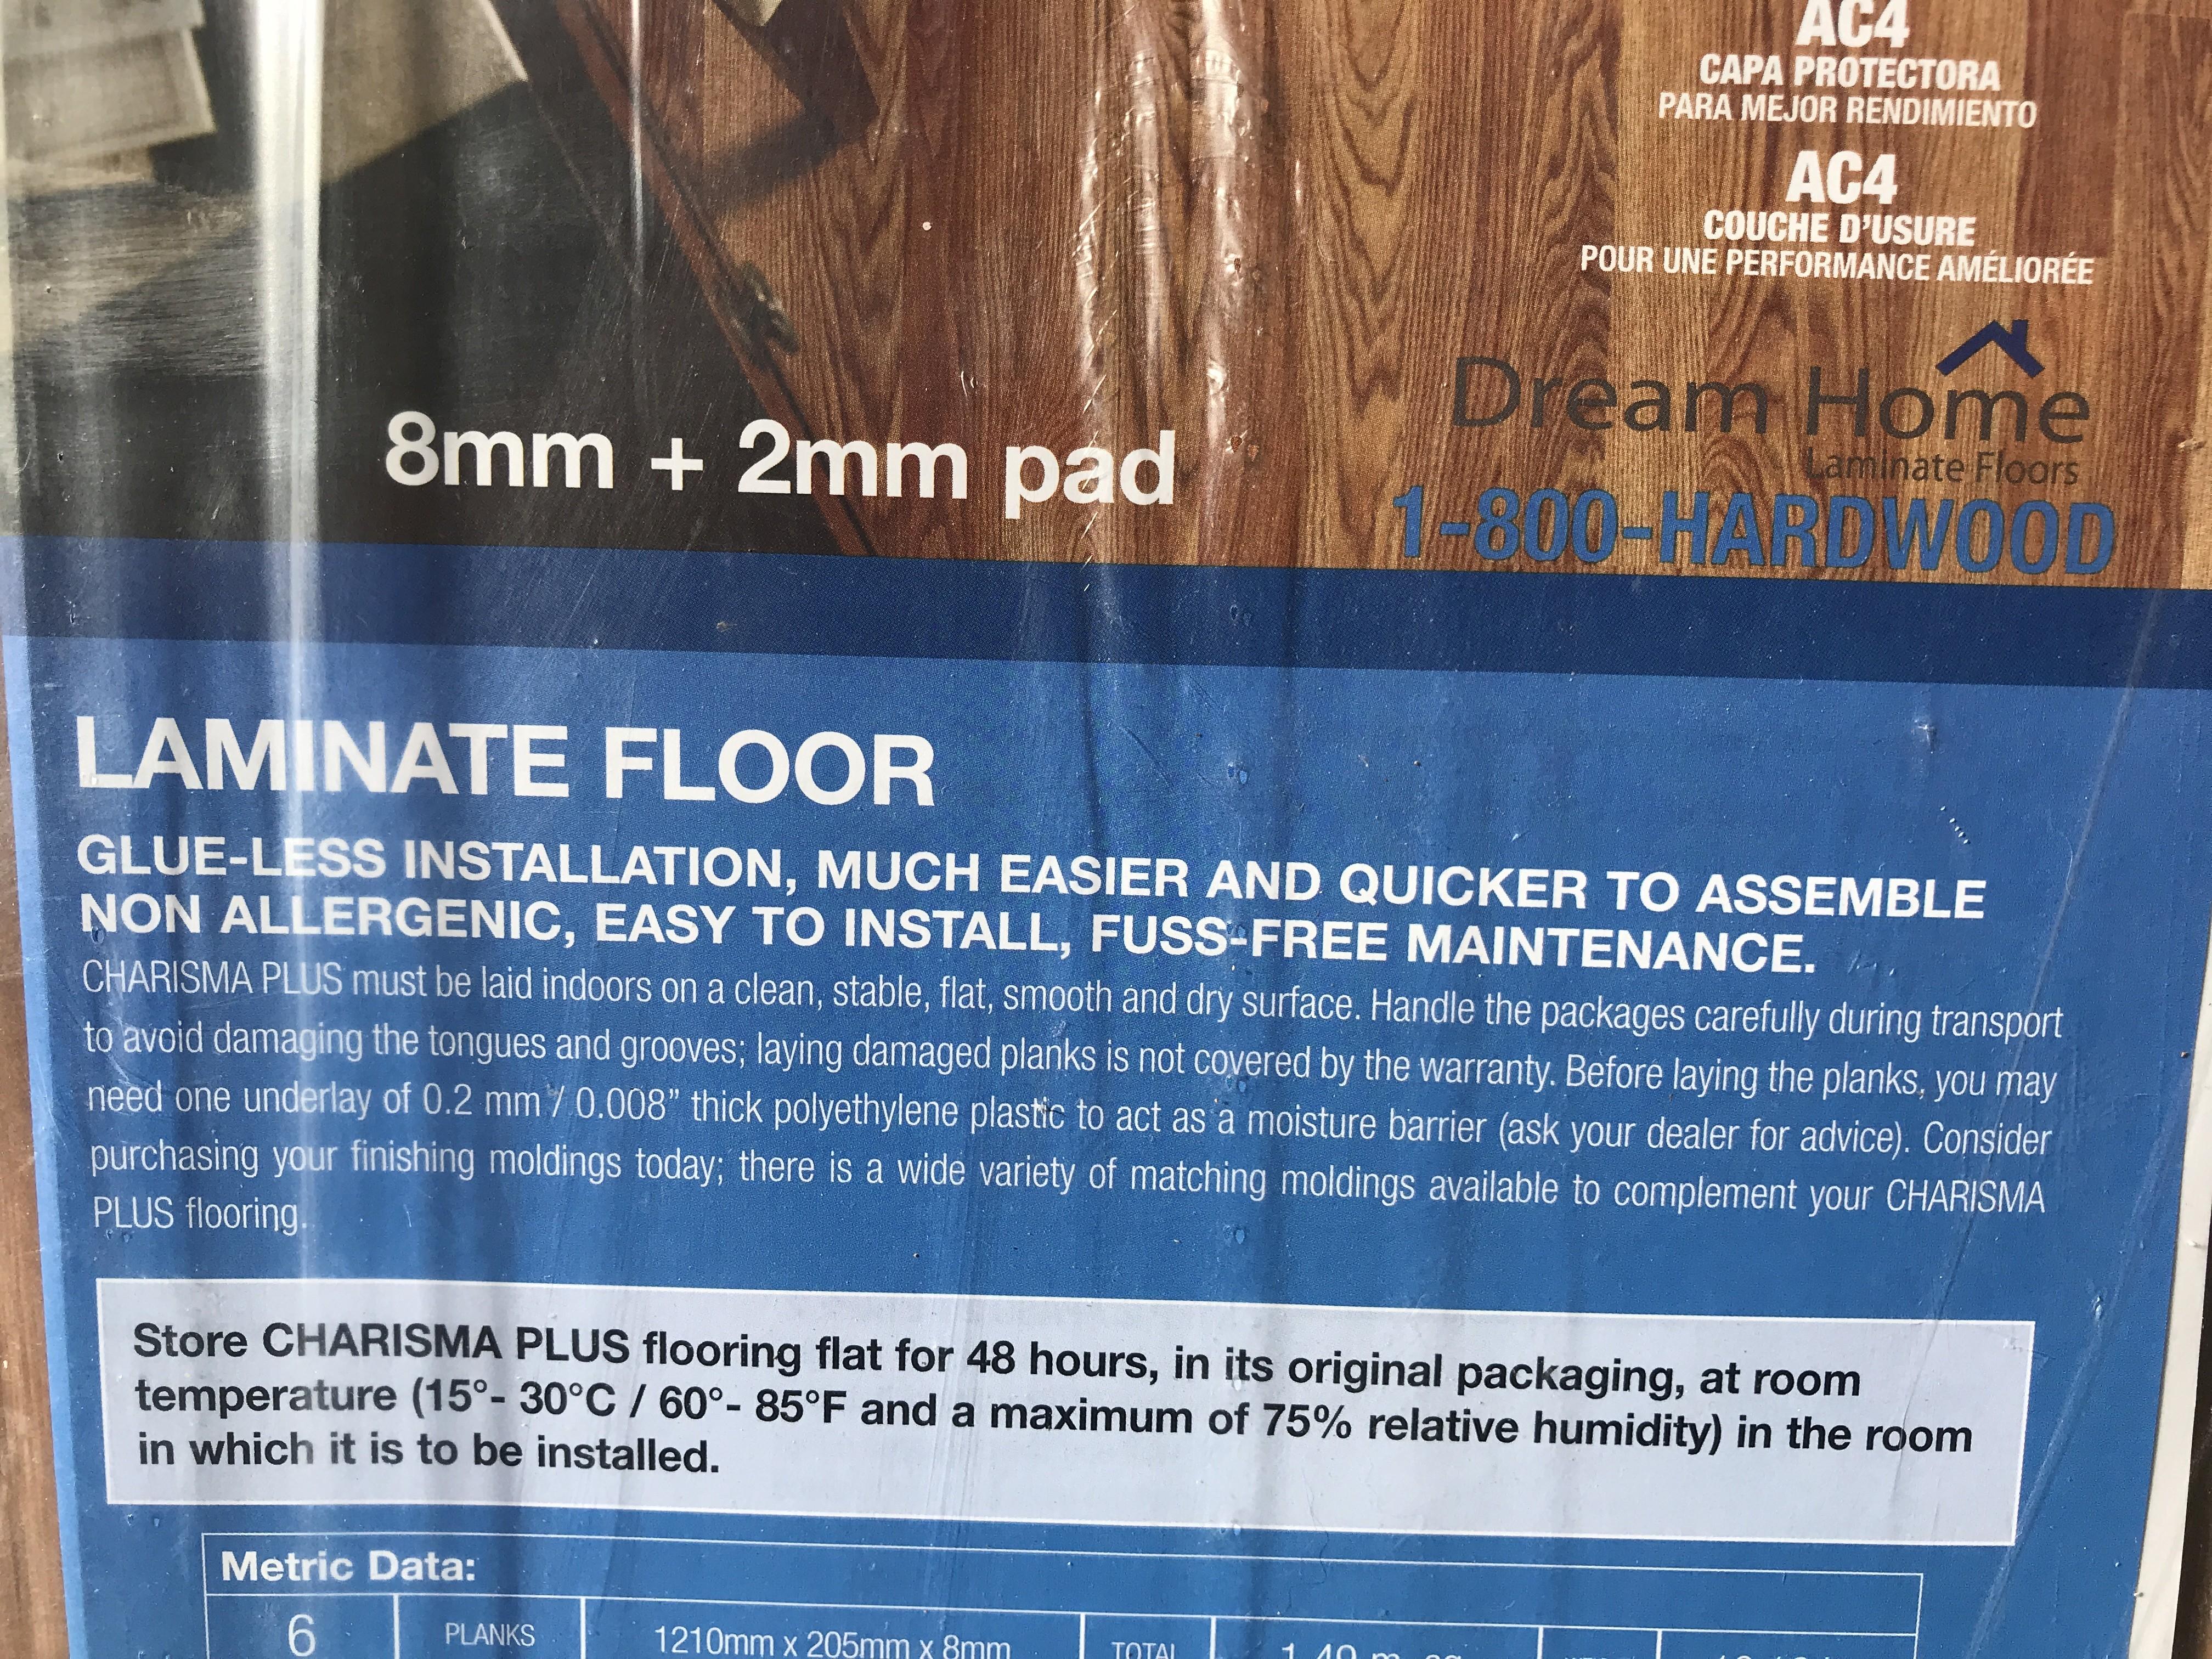 736 Sq Ft Laminate Flooring Diggerslist, Charisma Plus Laminate Flooring